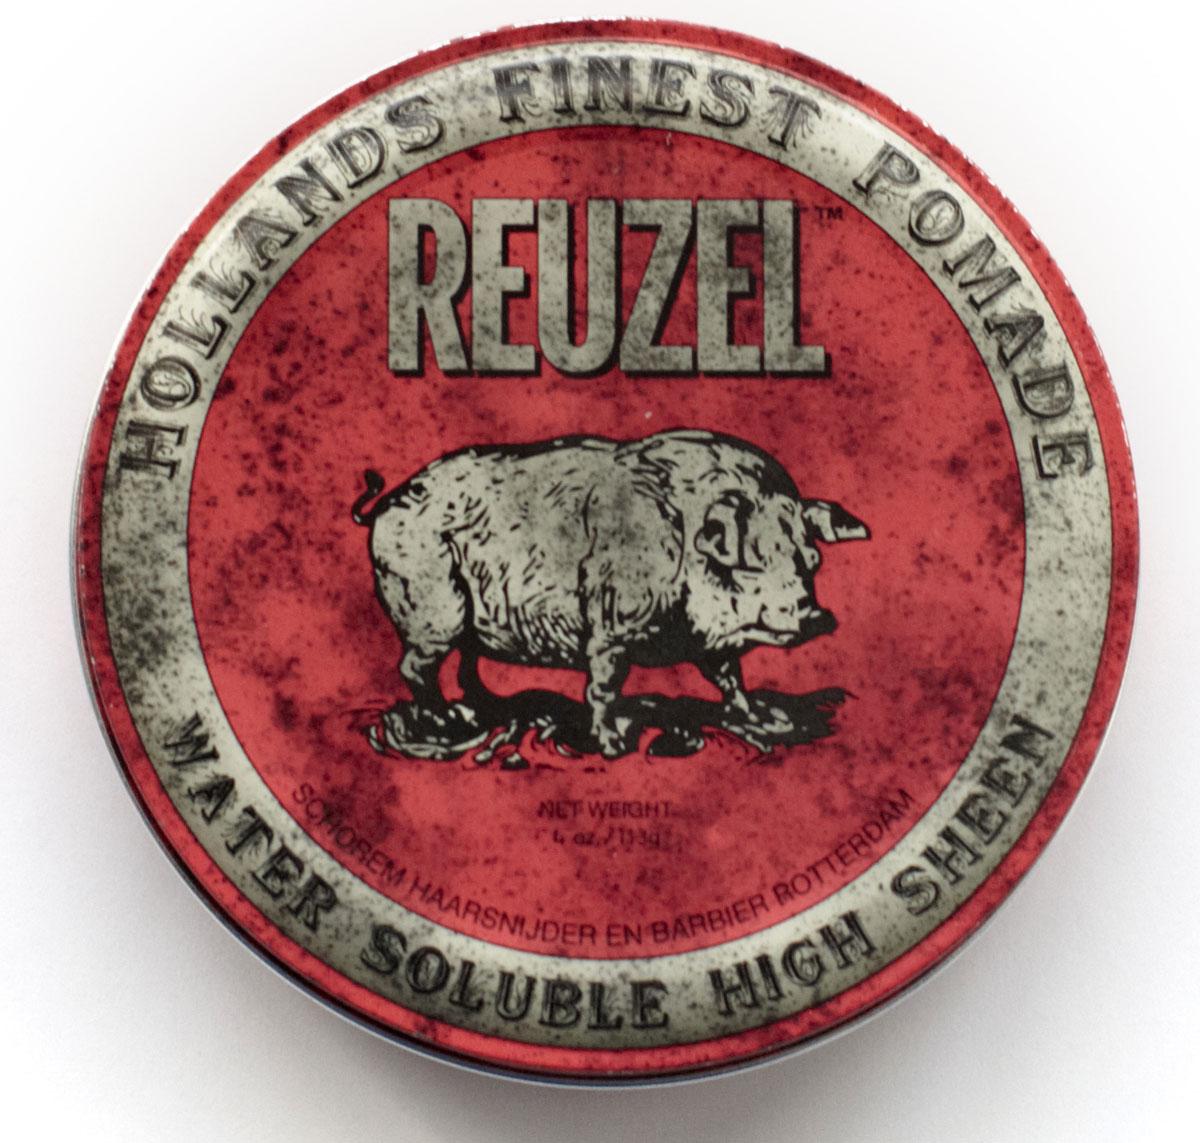 Reuzel помада для укладки волос, красная банка 113грREU001Помада REUZEL красная: ультраблеск Помада Reuzel в красной банке придаёт укладке ультраблеск, фиксирует как воск, но смывается водой так же просо как гель. Эта супер-концентрированная помада подходит для волос любого типа и полирует до блеска любую причёску: от помпадура и квиффа до slick back и любых смелых форм в укладке. Красная помада Reuzel сохраняет пластичность весь день, никогда не затвердевает и не превращается в хлопья. С аромат ванильной колы. - Сильная фиксация как у воска - Суперблеск и эффект отполированной укладки - Состав на водной основе, легко смывается - Превосходная прическа весь день